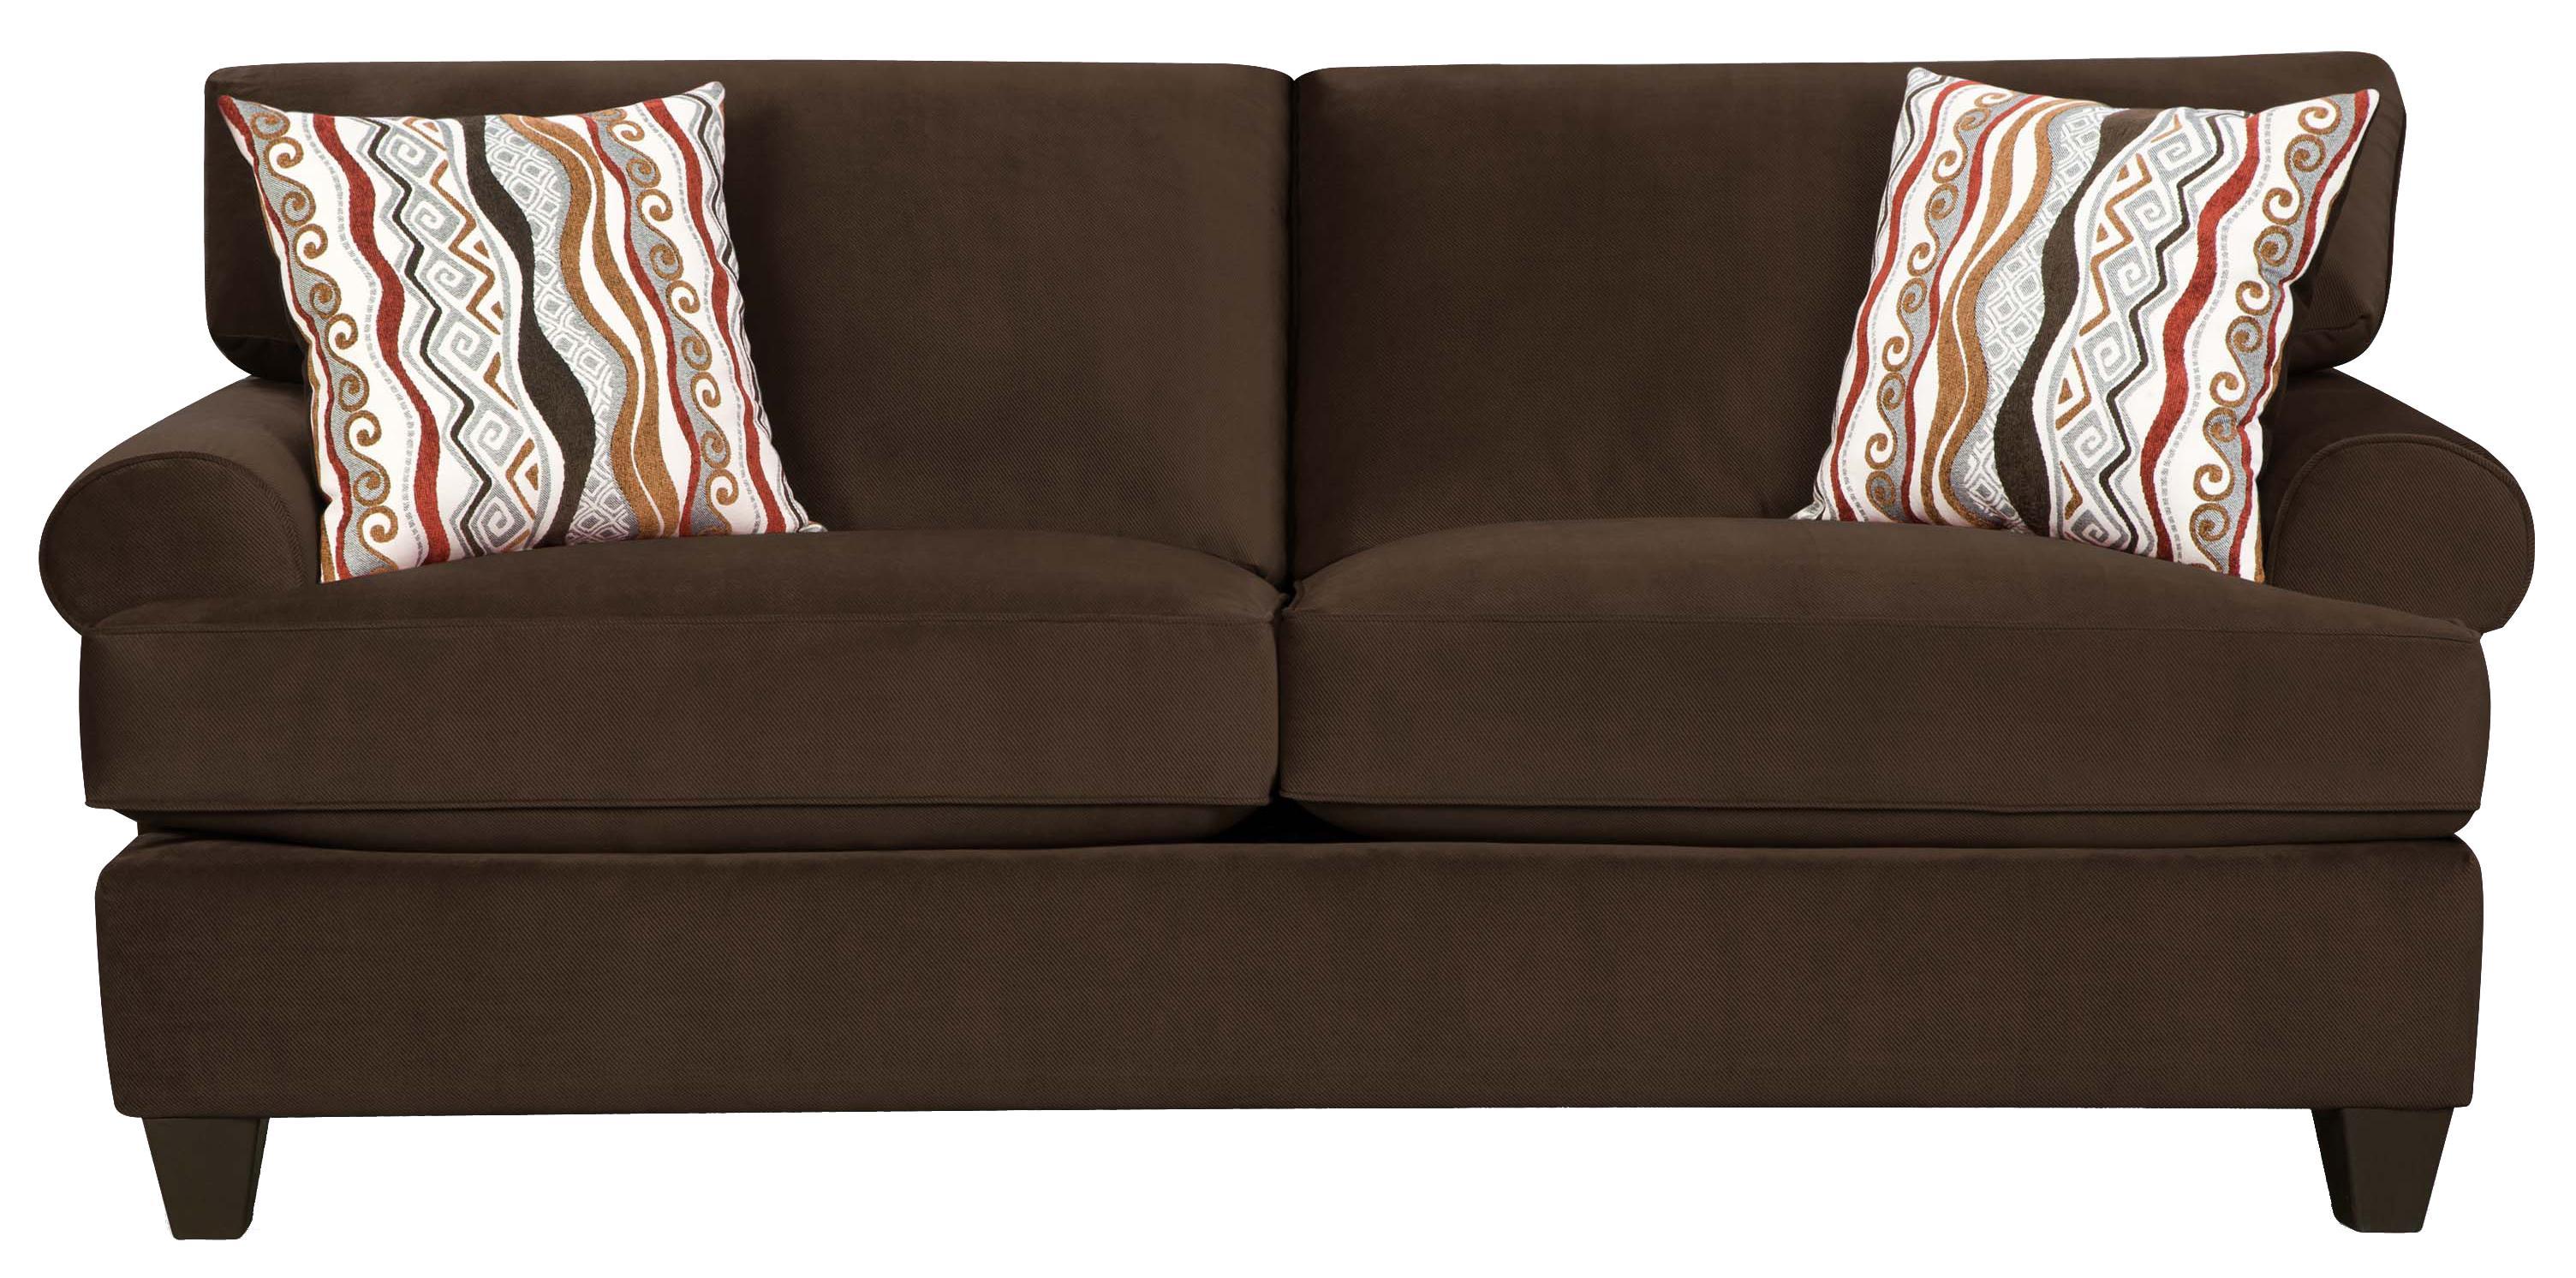 Corinthian 47A0  Jackpot Sofa - Item Number: 47A3